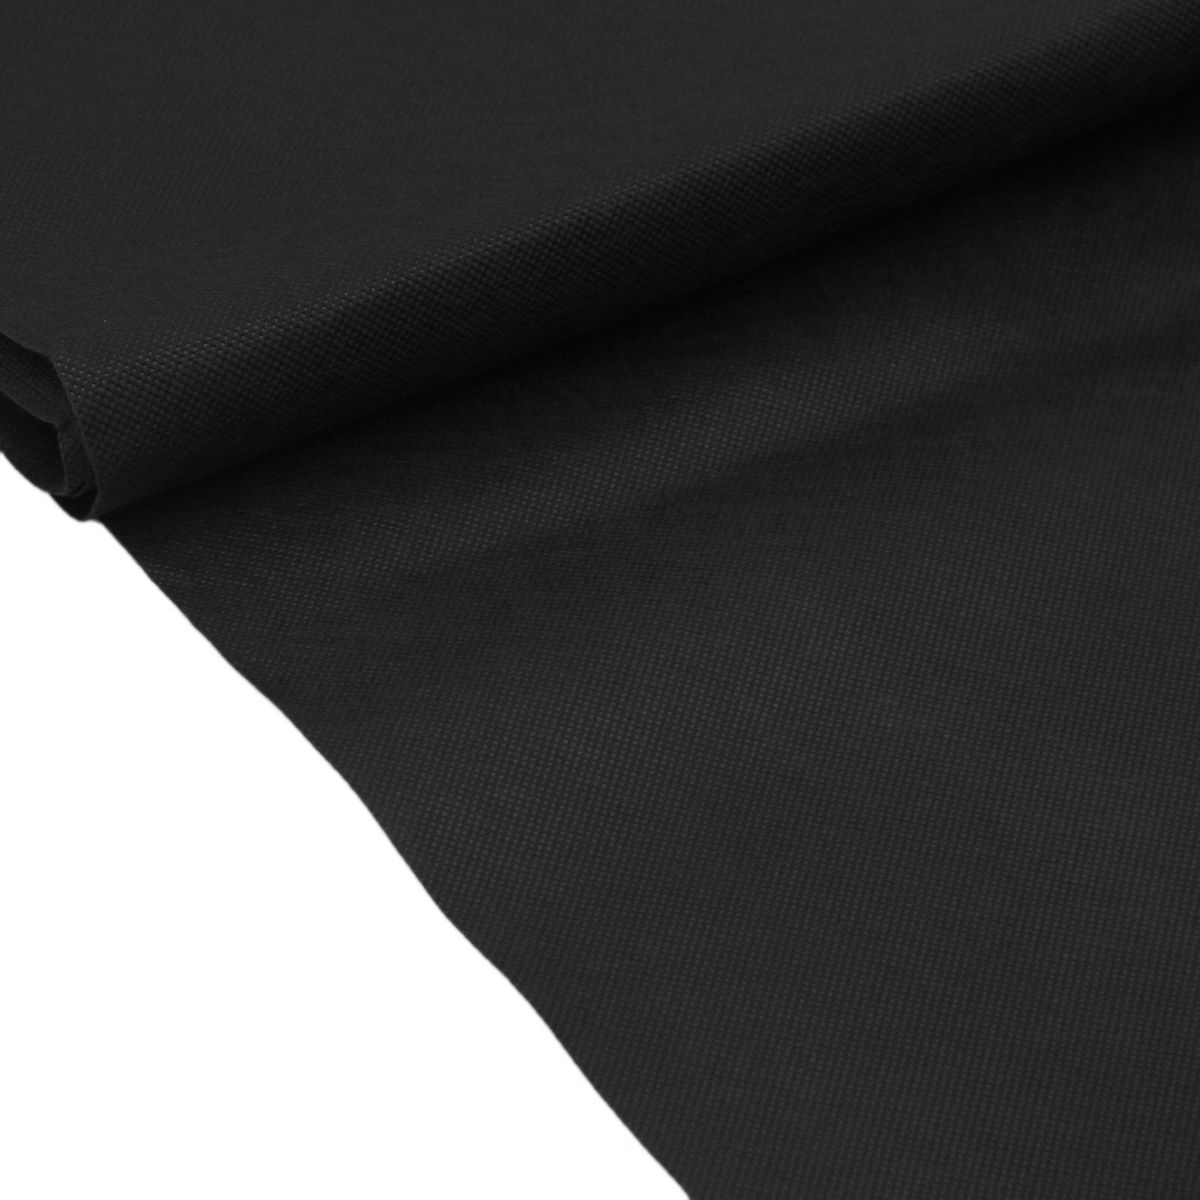 Материал укрывной Агротекс, цвет: черный, 0,8 х 12 м. 13092571309257Нетканый материал Агротекс для ландшафтных работ применяется на любых садово-огородных участках. С его помощью создают садовые дорожки, легкие парковки, альпинарии и газоны. Основные функции материала: Защищает нижние слои дренажа от ухода в грунт.Защищает грунт от проседания и размывания.Защищает гравий, почву и песок от смешивания.Сокращает рост и размножение сорняков.В зависимости от целей можно использовать третий слой материала Агротекс между песком и покрытием. Нетканый материал имеет УФ-стабилизатор и высокую светостойкость. Плотность: 120 г,м2.